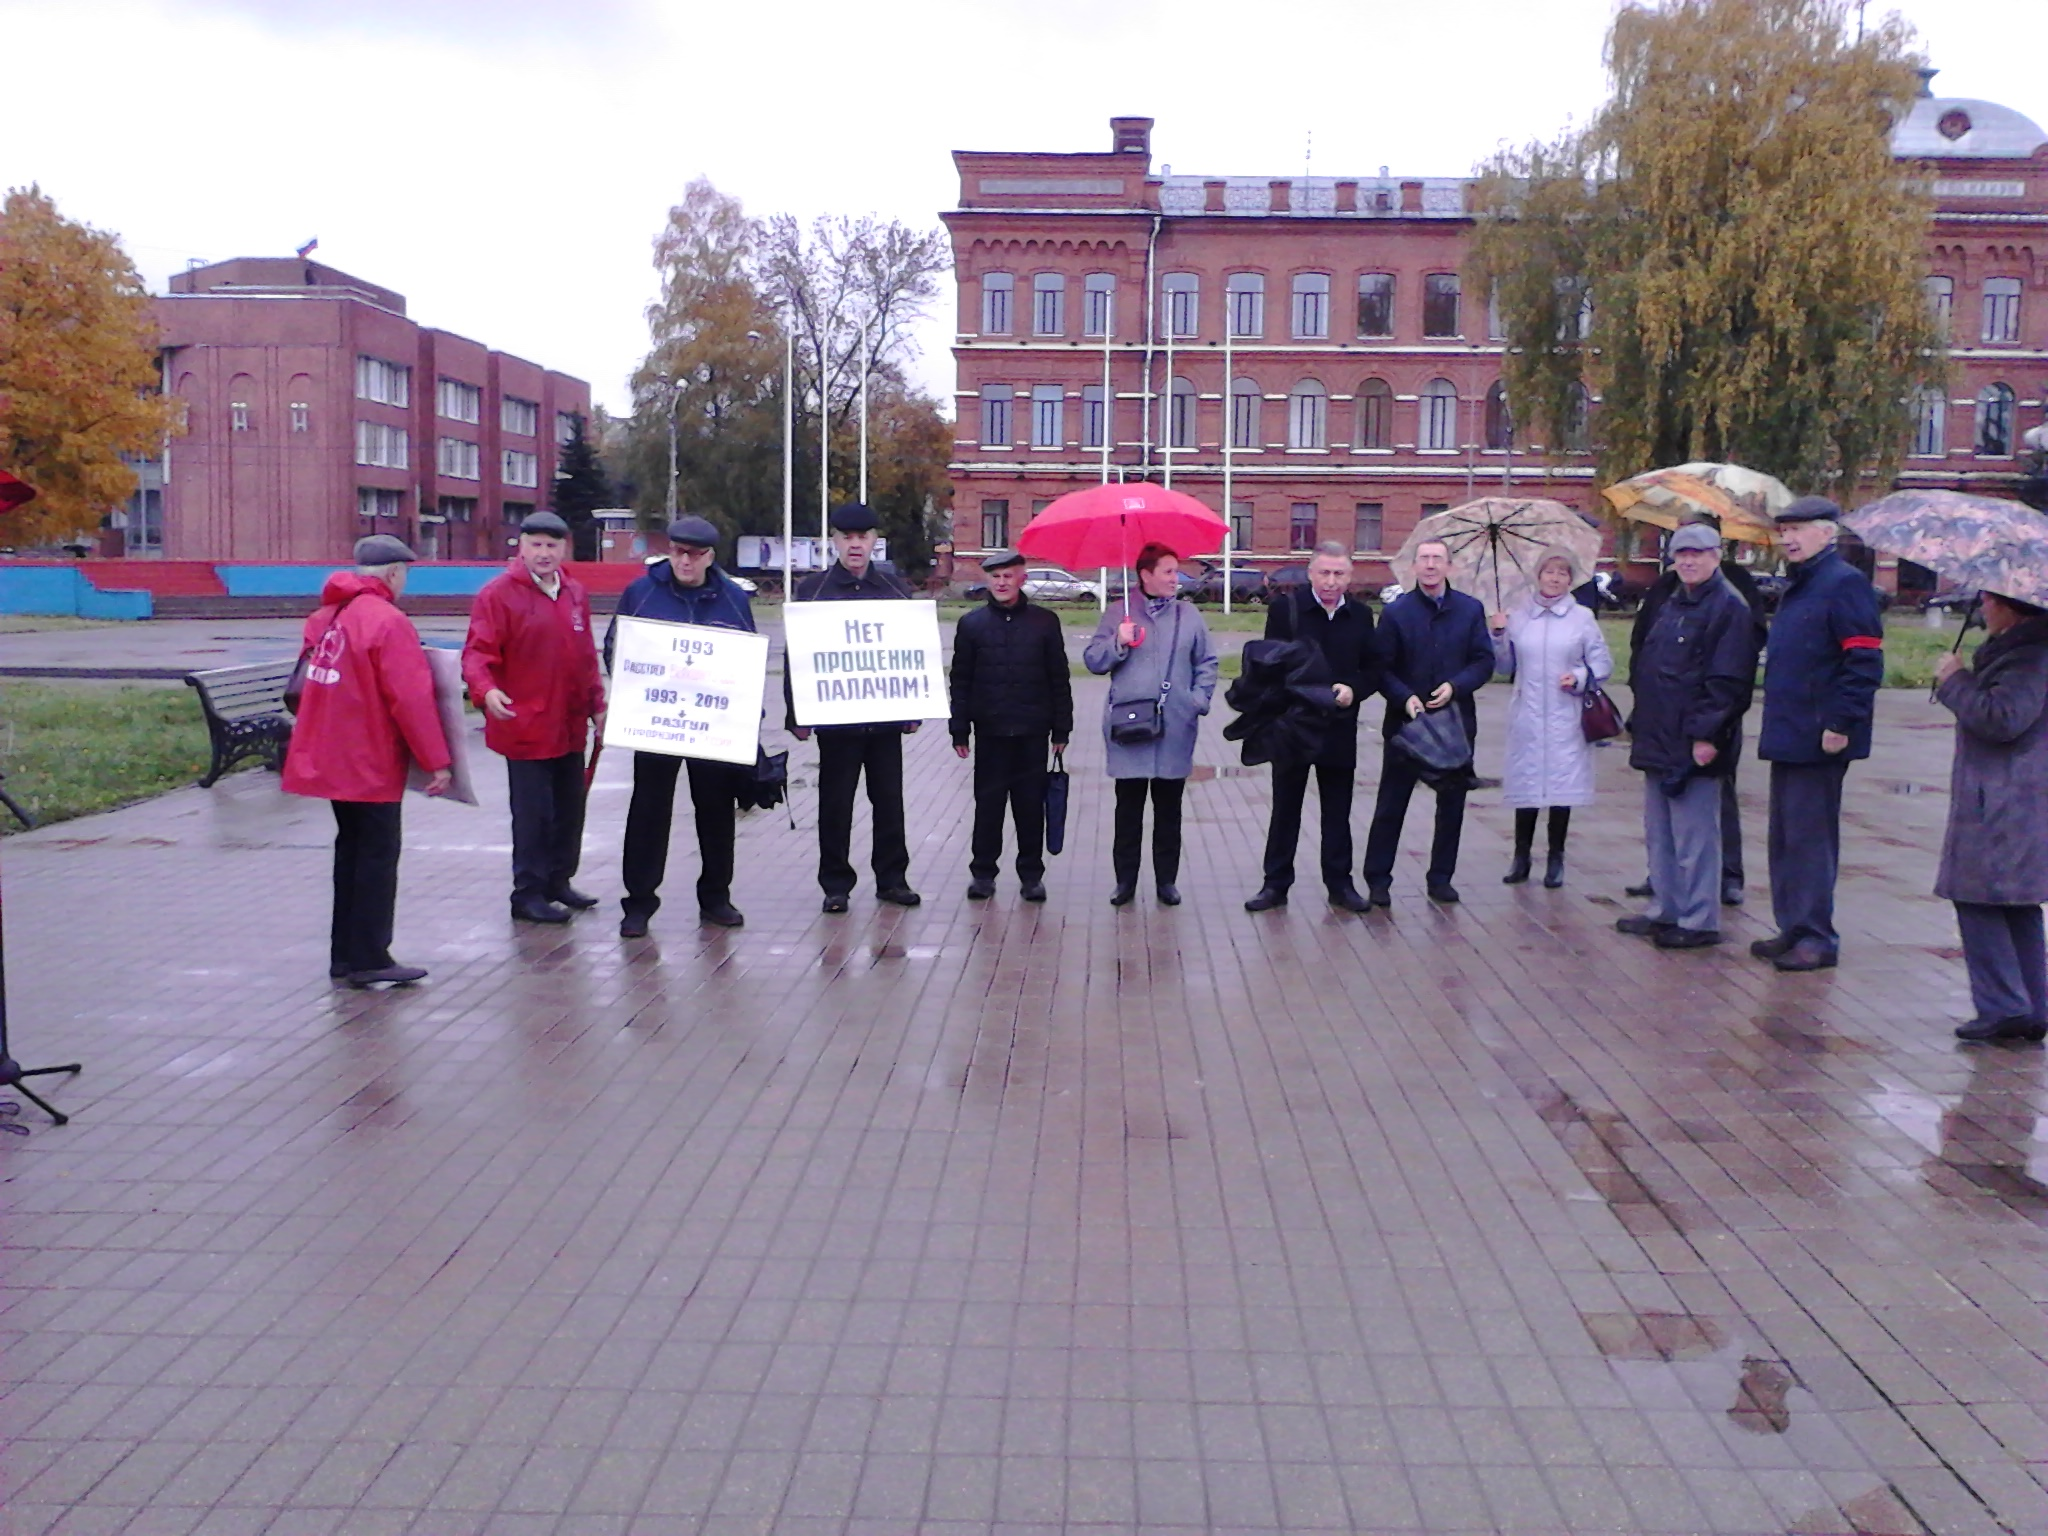 4 октября рыбинский горком КПРФ провел митинг в связи с очередной годовщиной – расстрела демократии Верховного Совета РСФСР в 1993 году.